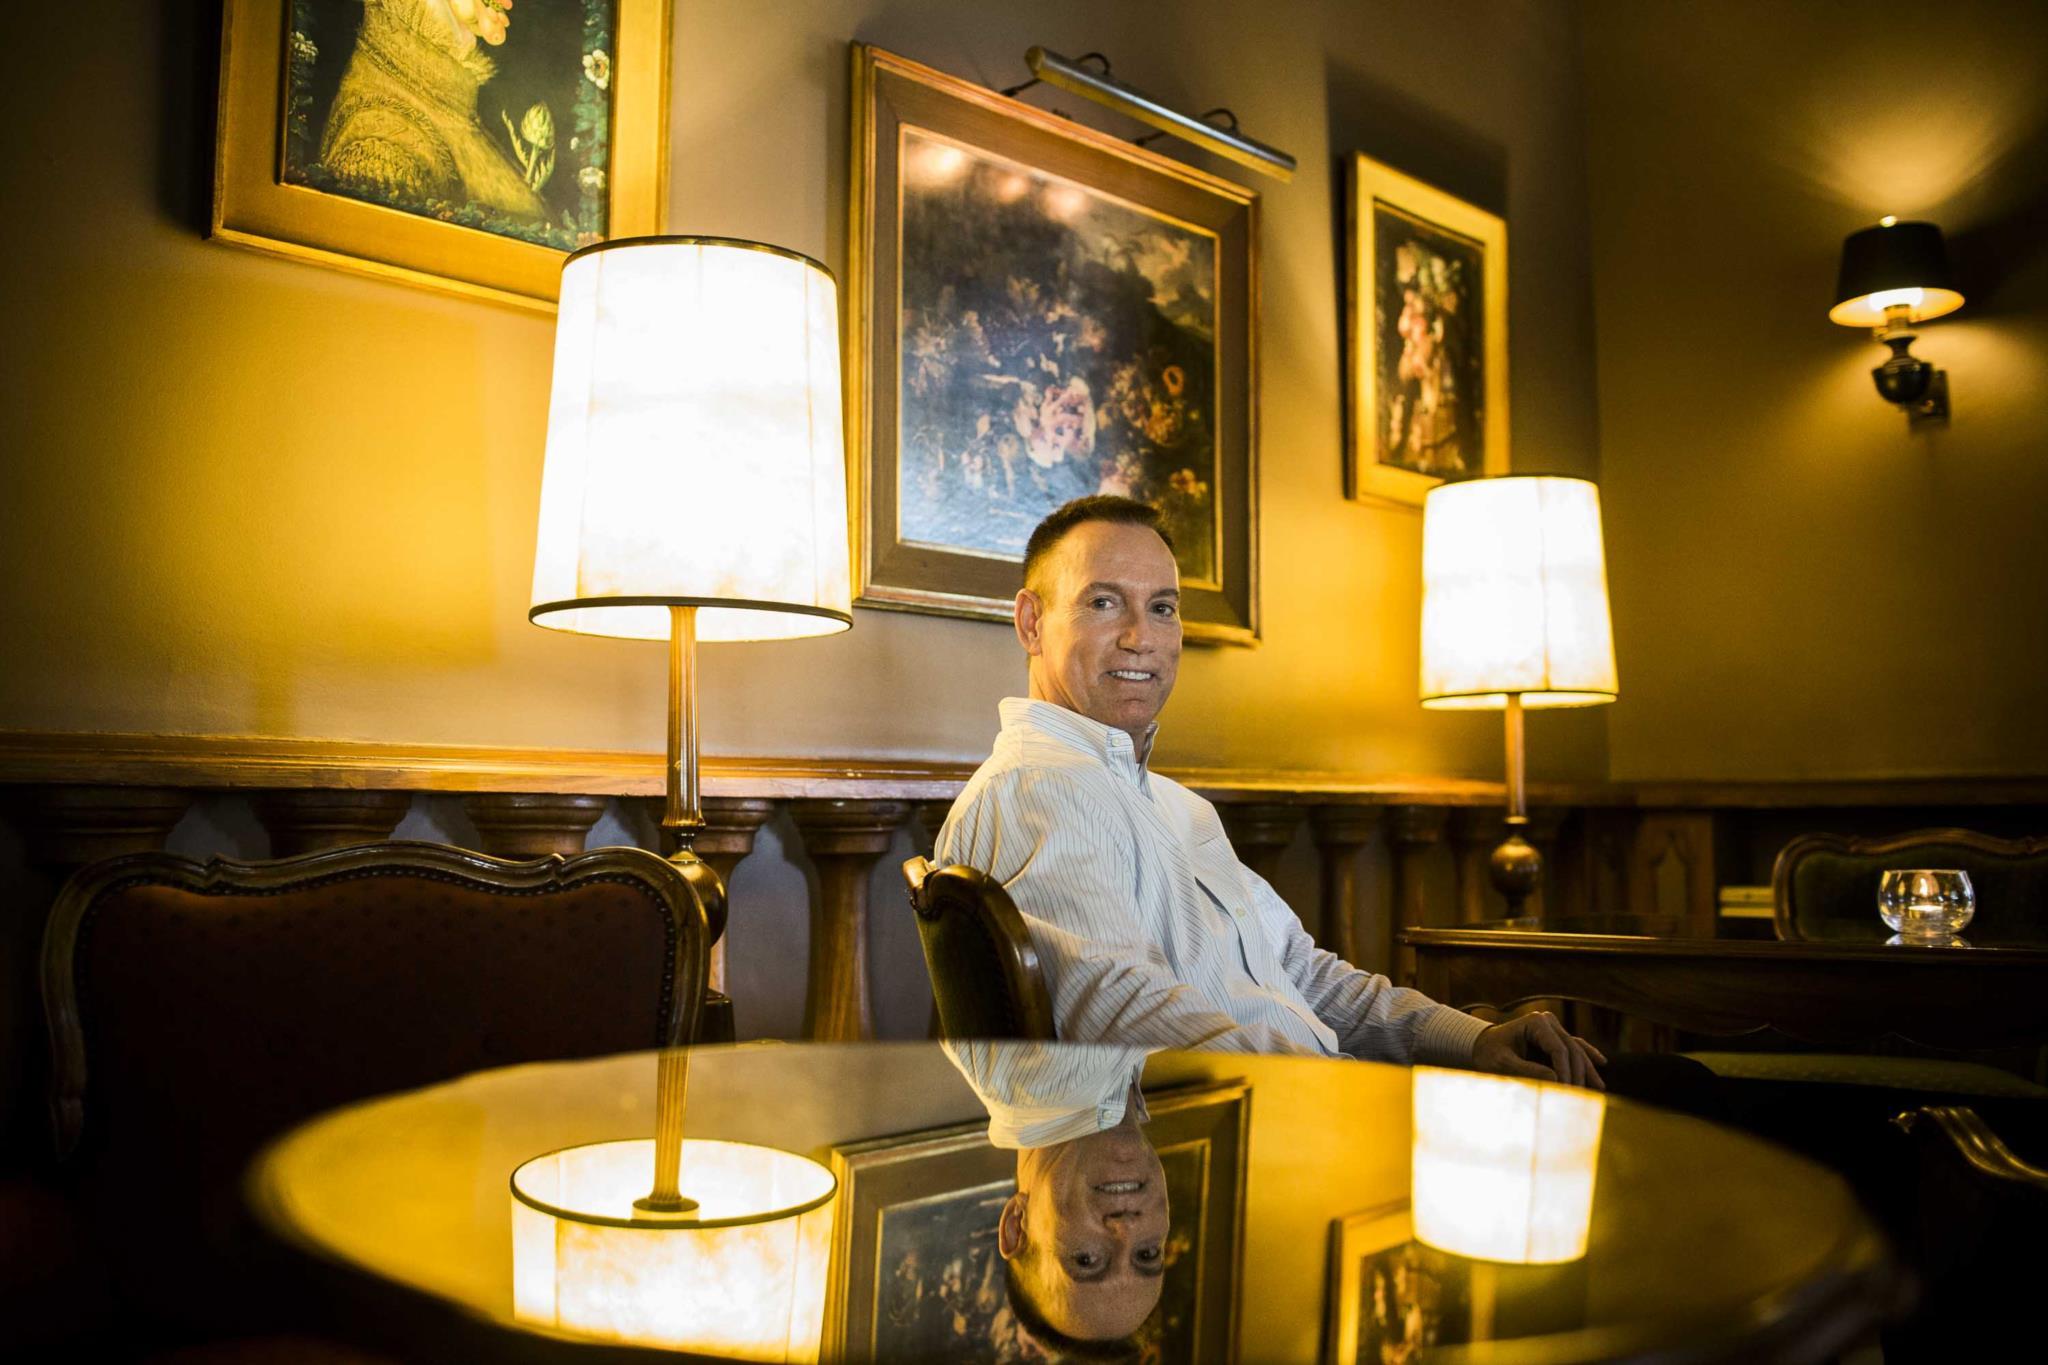 PÚBLICO - James Bond teve uma vida real e andou pelo Estoril, onde nasceu